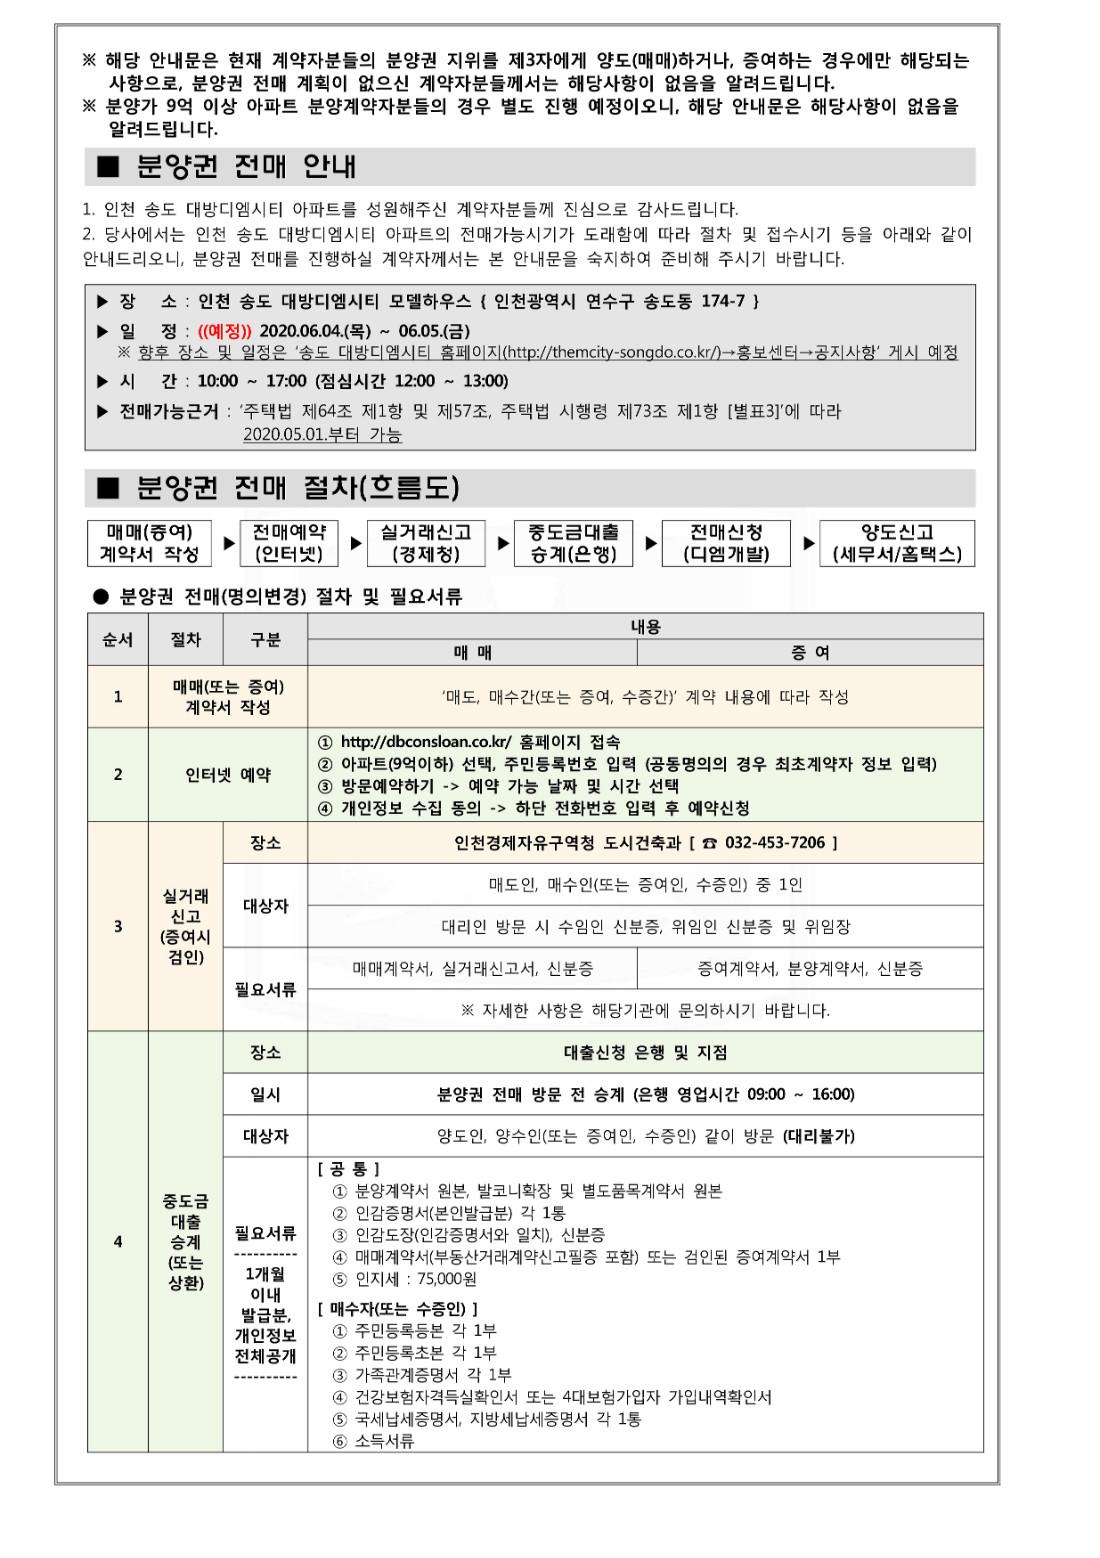 3. 송도 대방디엠시티 9억이하 아파트 전매안내문_1.jpg